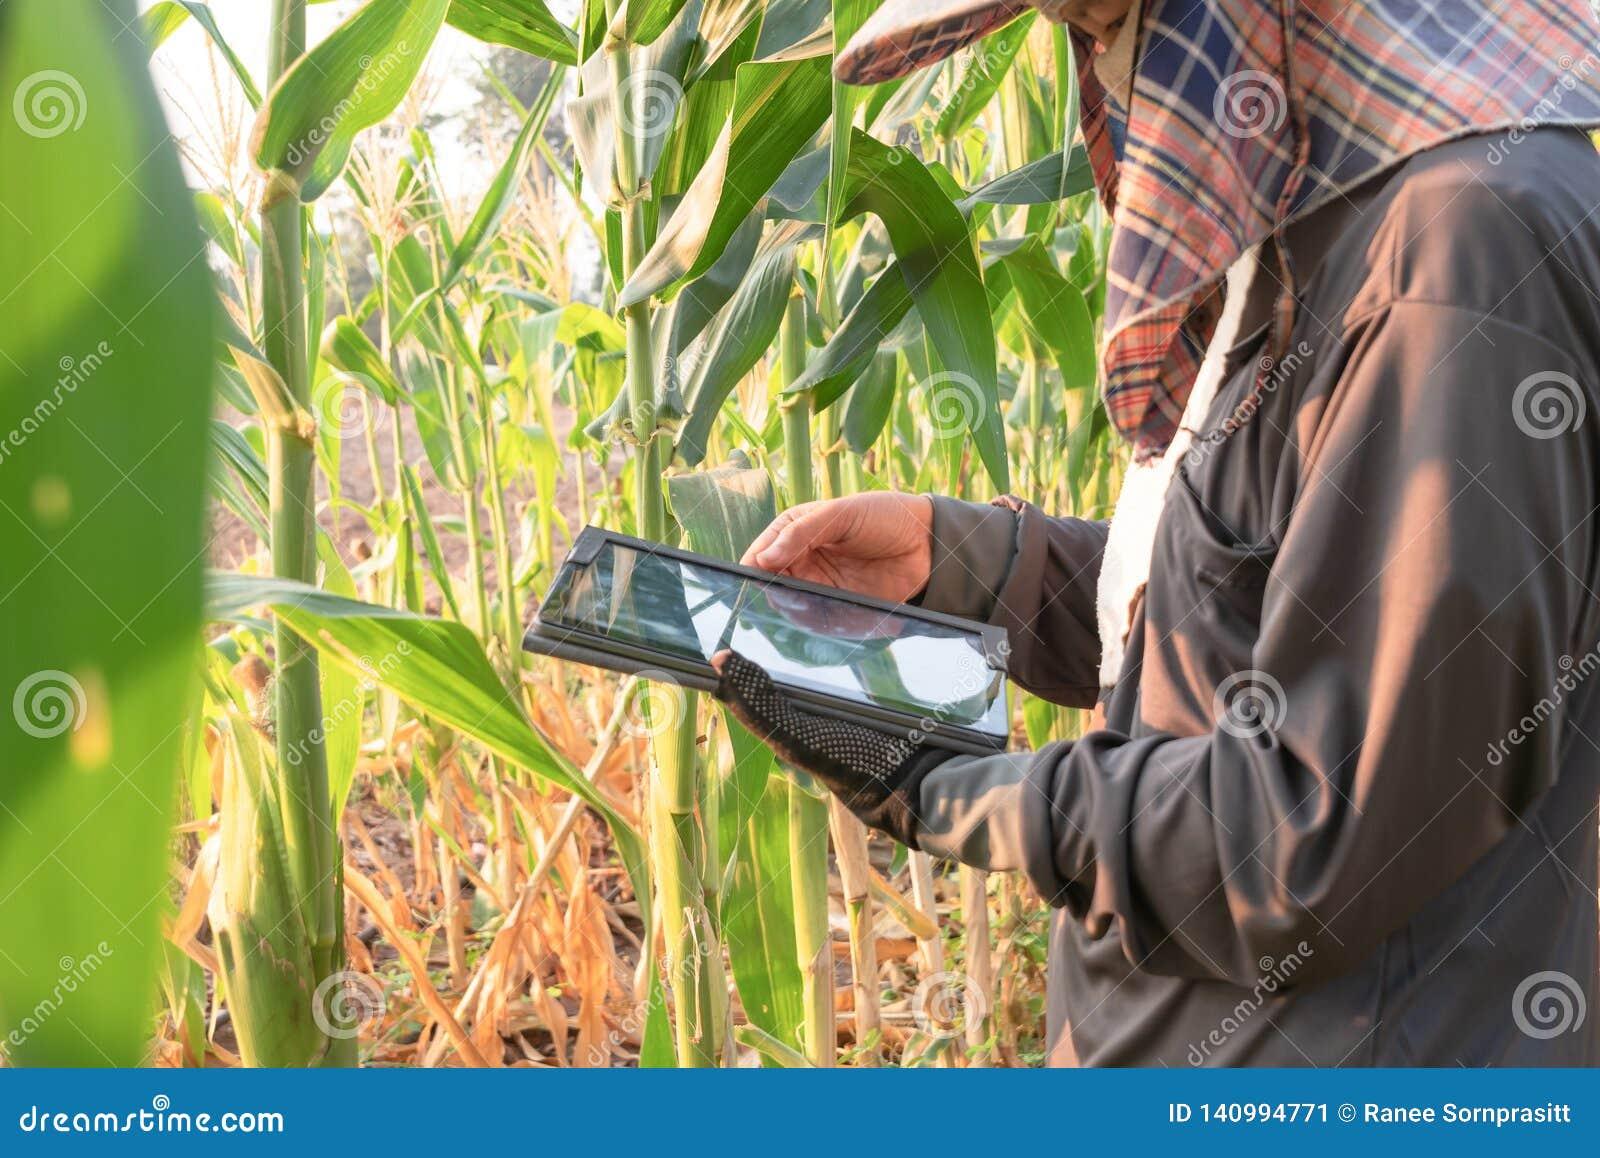 Agriculteur de femmes vérifiant la croissance de la ferme de maïs